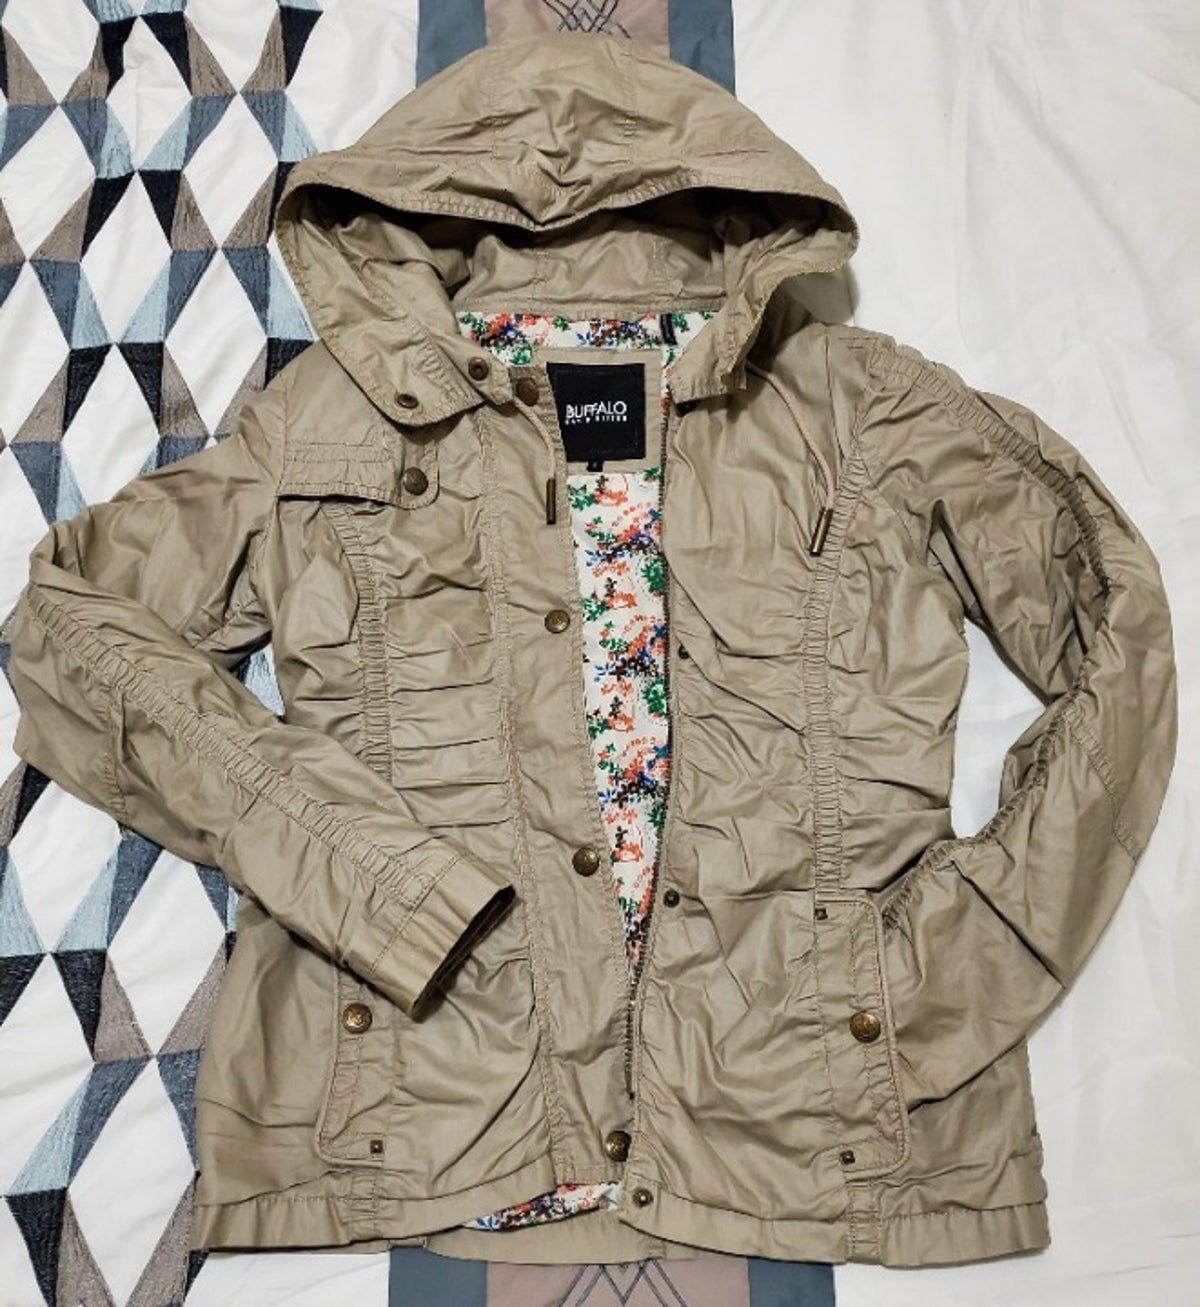 Buffalo Faux Leather Jacket In 2020 Faux Leather Jackets Jackets Outerwear Jackets [ 1307 x 1200 Pixel ]